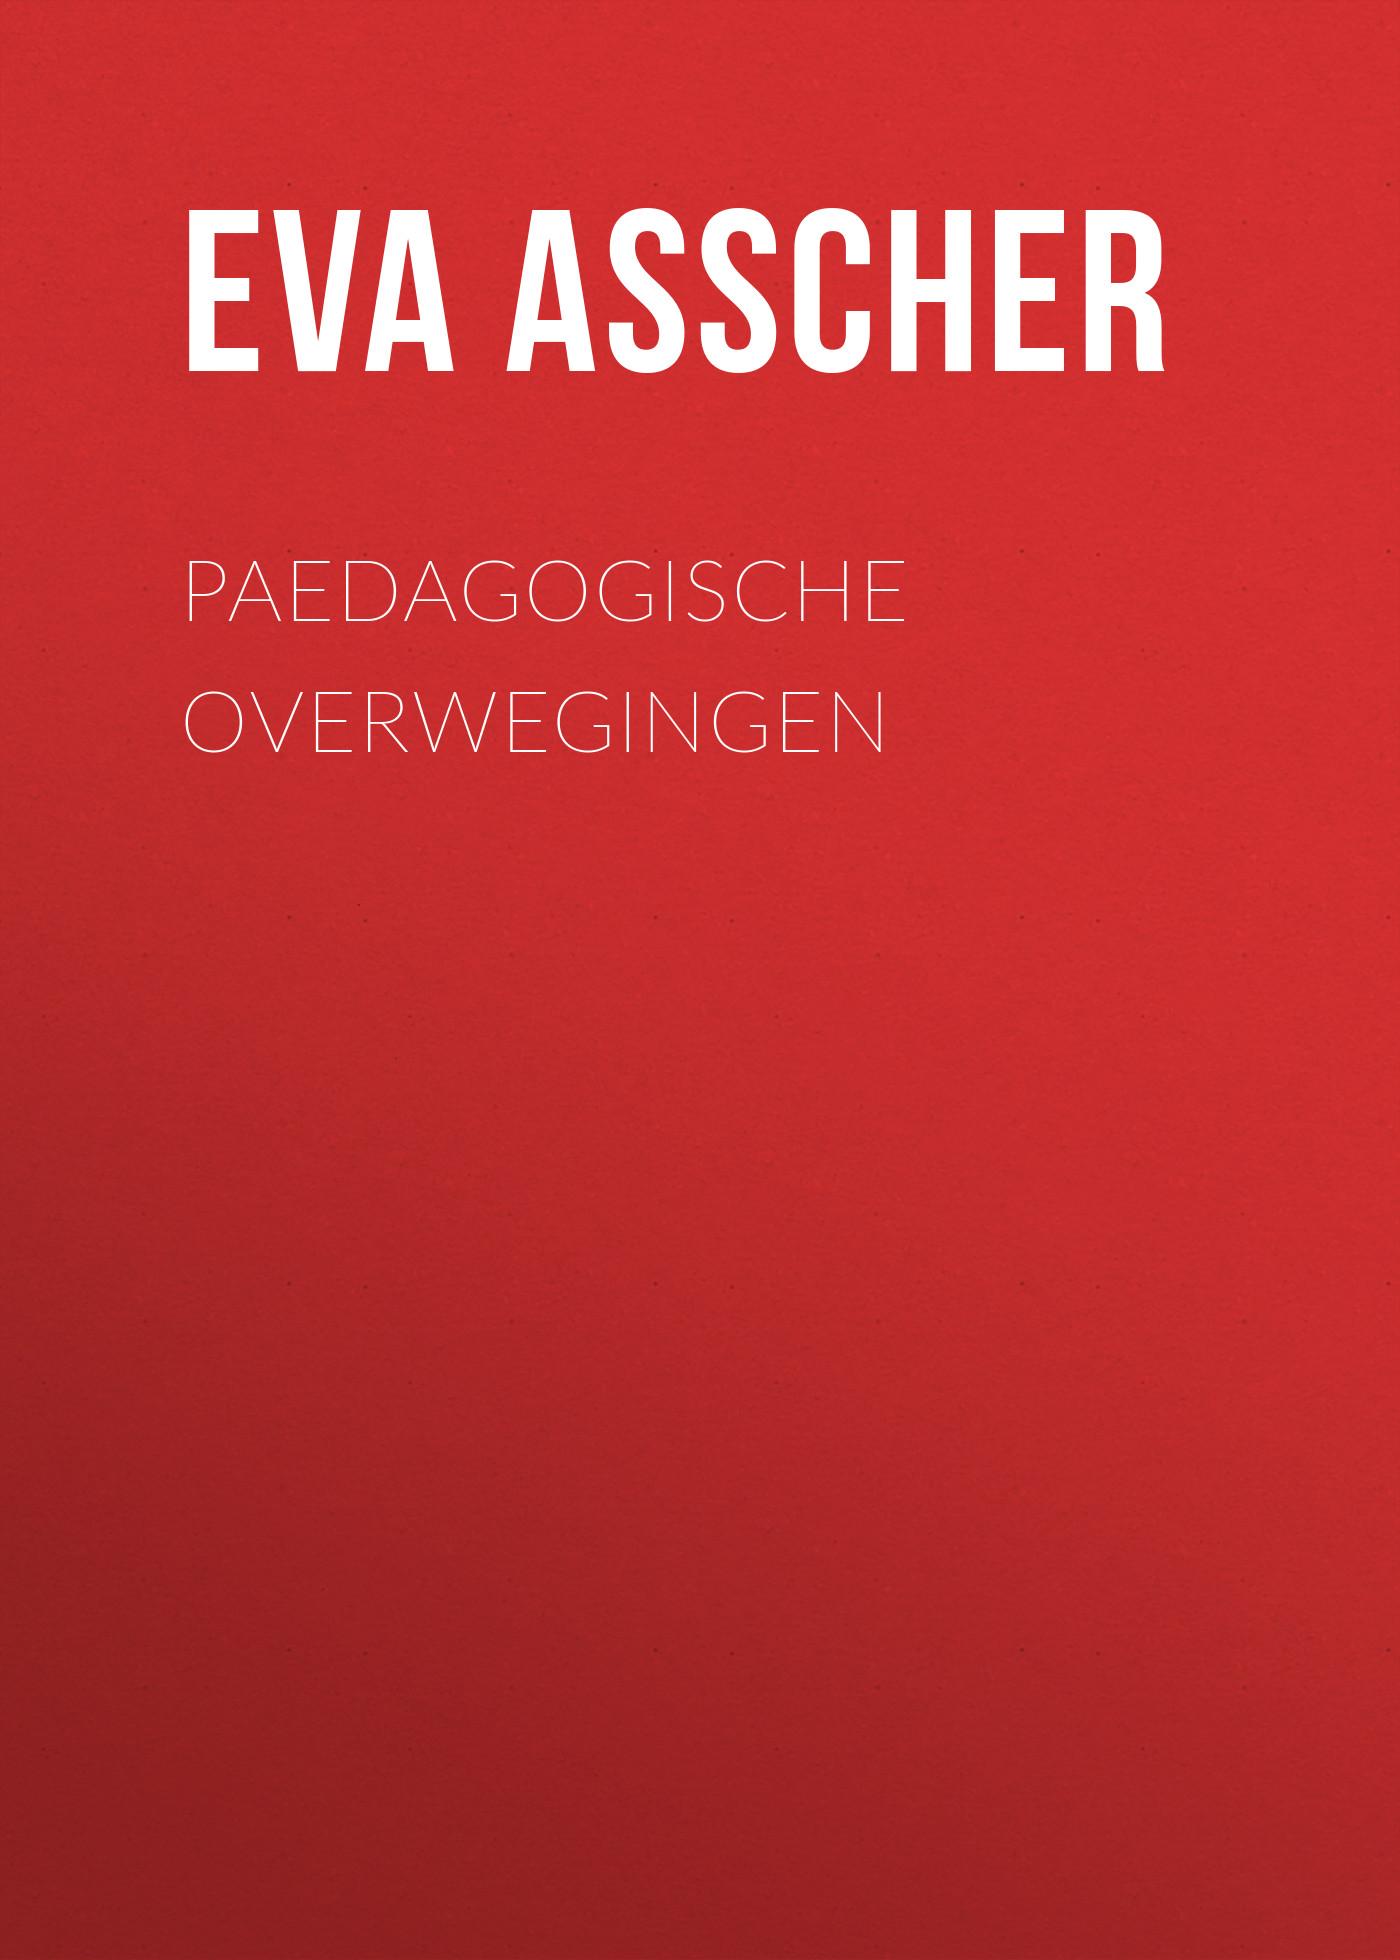 Asscher Eva Wilhelmina Paedagogische Overwegingen